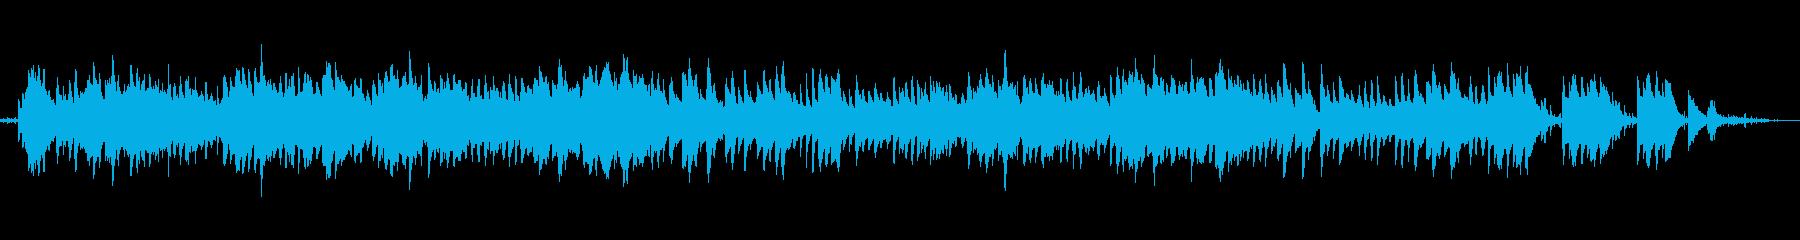 川のせせらぎ自然音ヒーリングクラシックの再生済みの波形